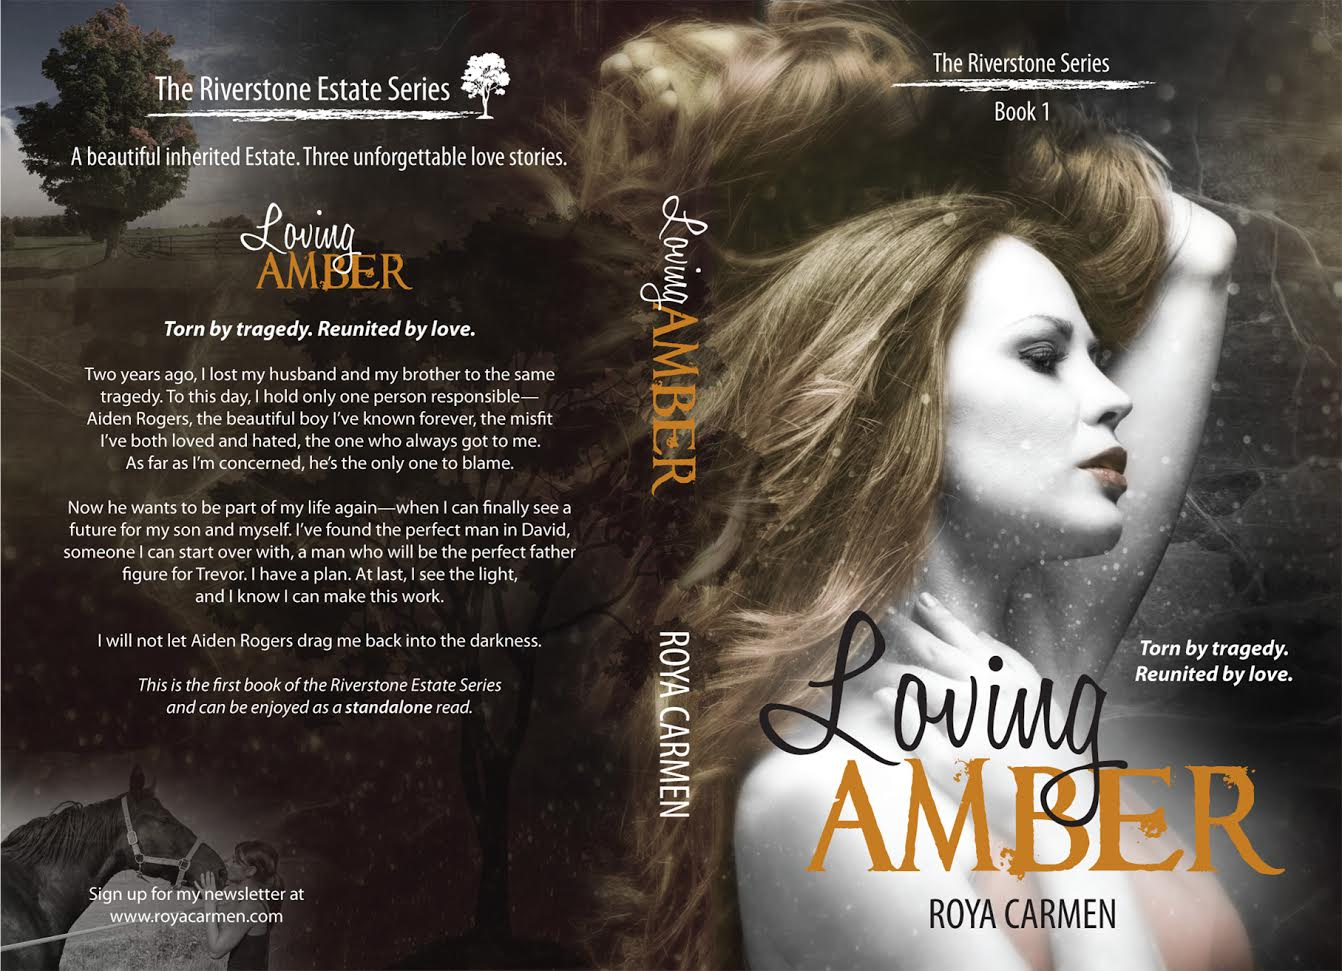 loving amber cover full use.jpg